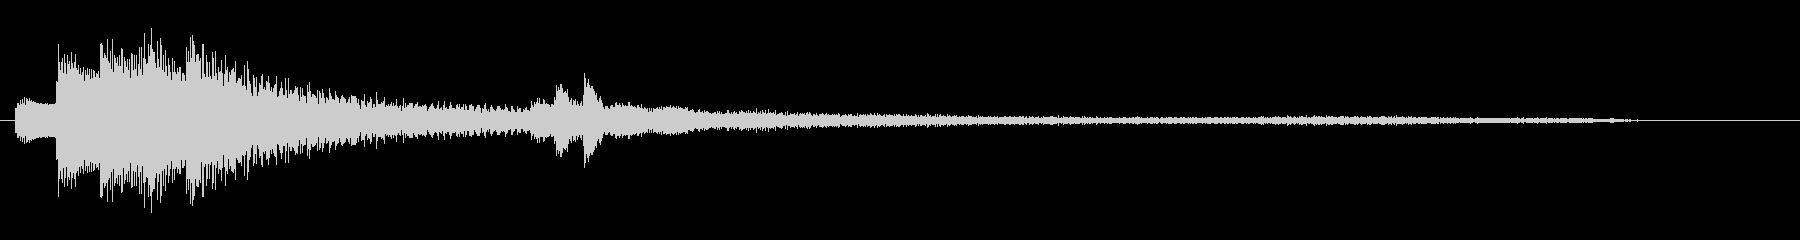 気づき(ピアノ・フレーズ)B1Lの未再生の波形